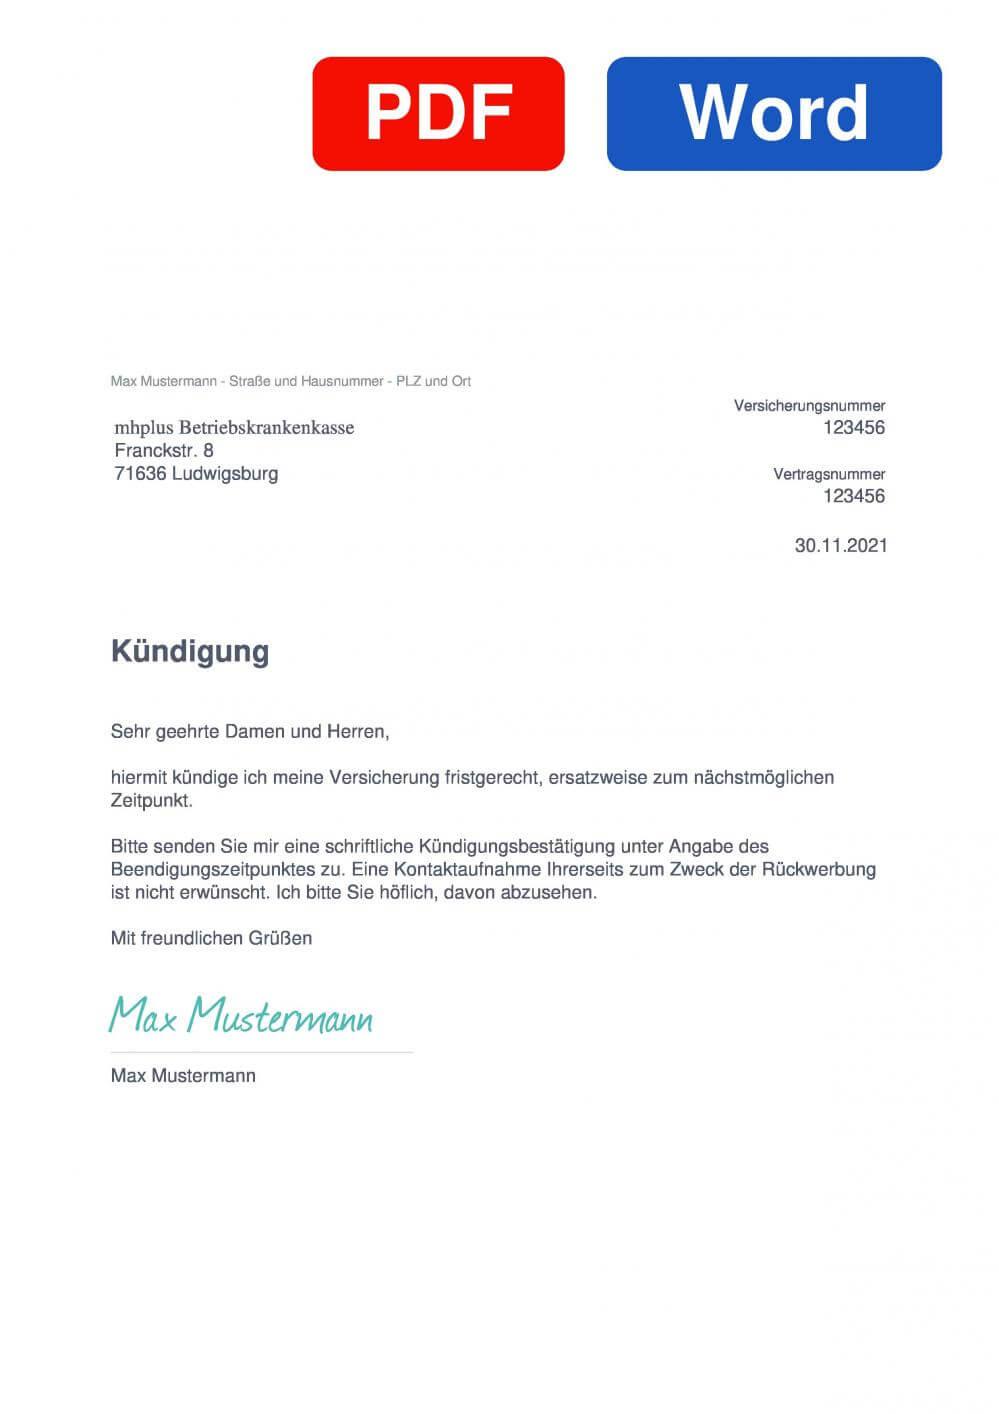 mhplus Muster Vorlage für Kündigungsschreiben